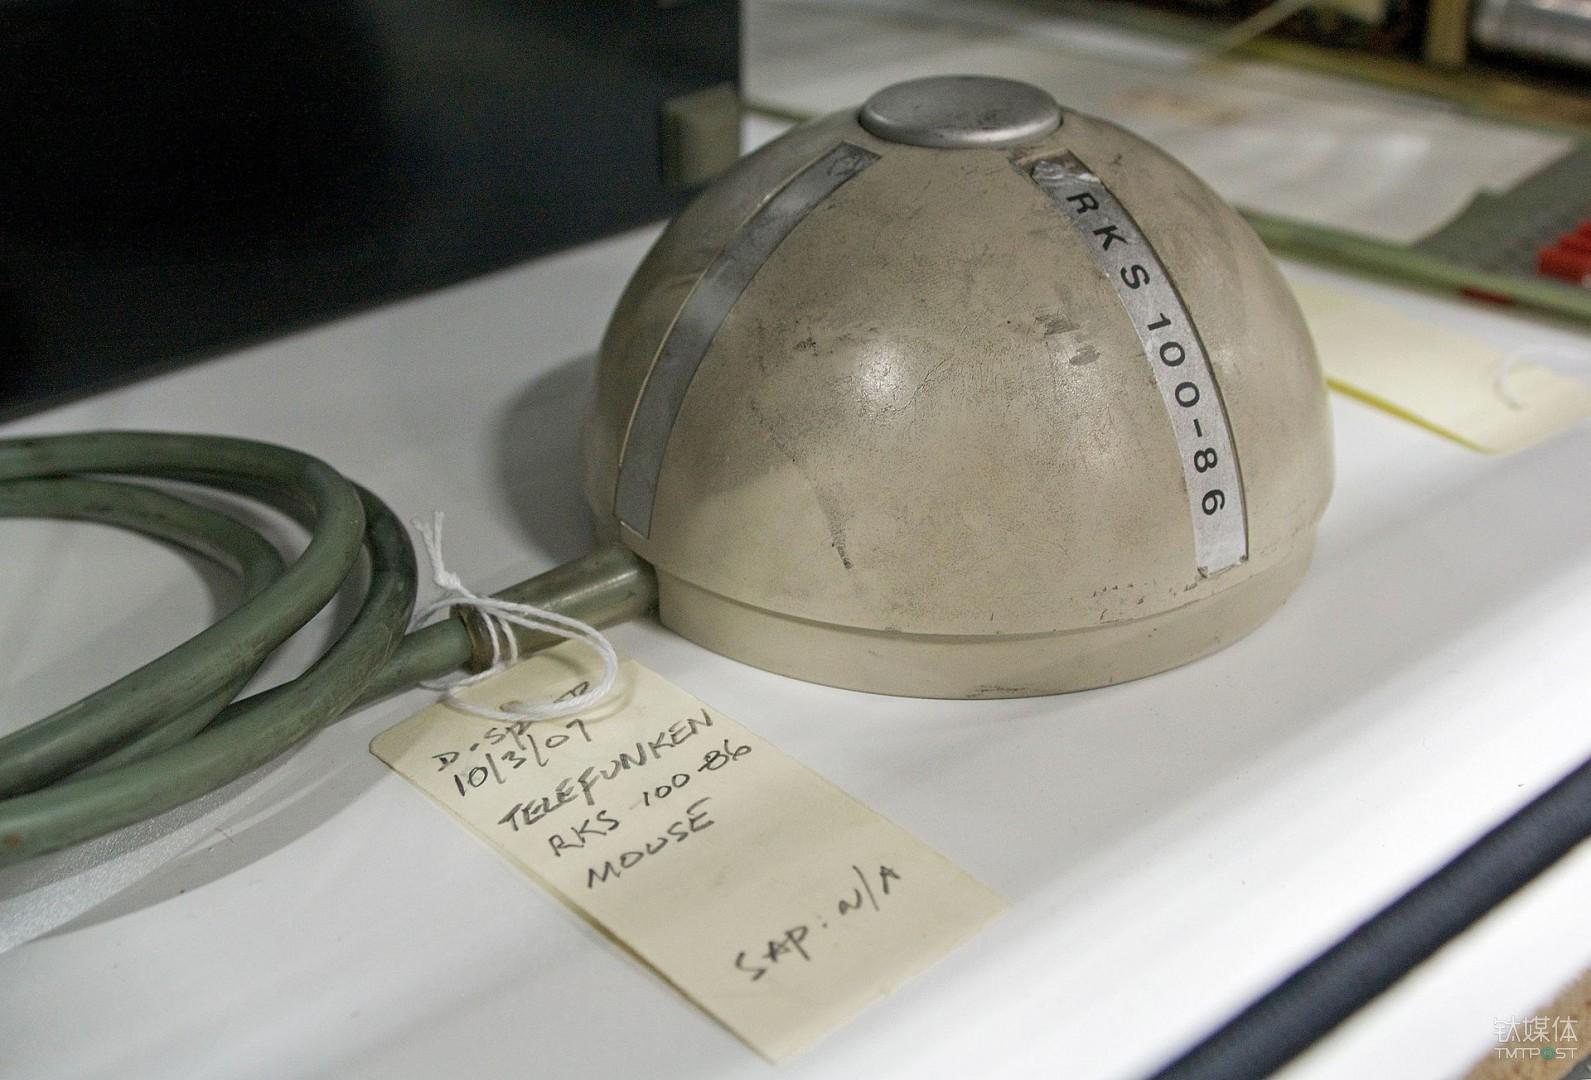 1968年问世的 RKS 100-86 是世界上第一款滚轮鼠标